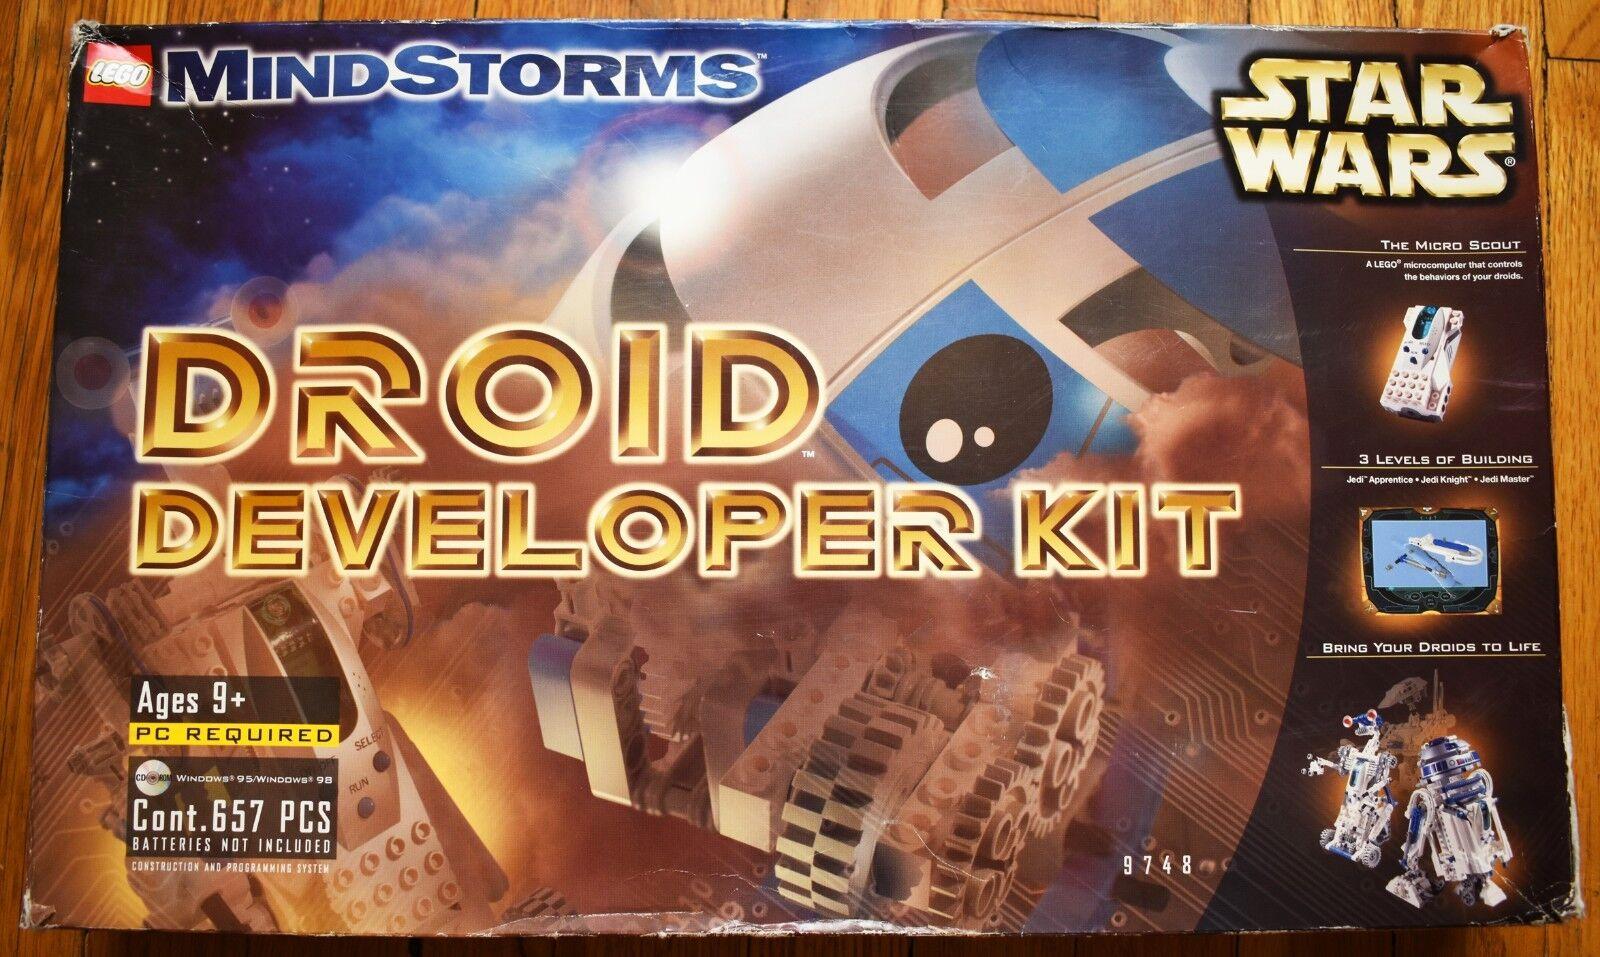 LEGO stjärnornas krig Mindstorms Droid Utvecklare Kit 9748 - KOMPLETE - MISSING CD -ROM